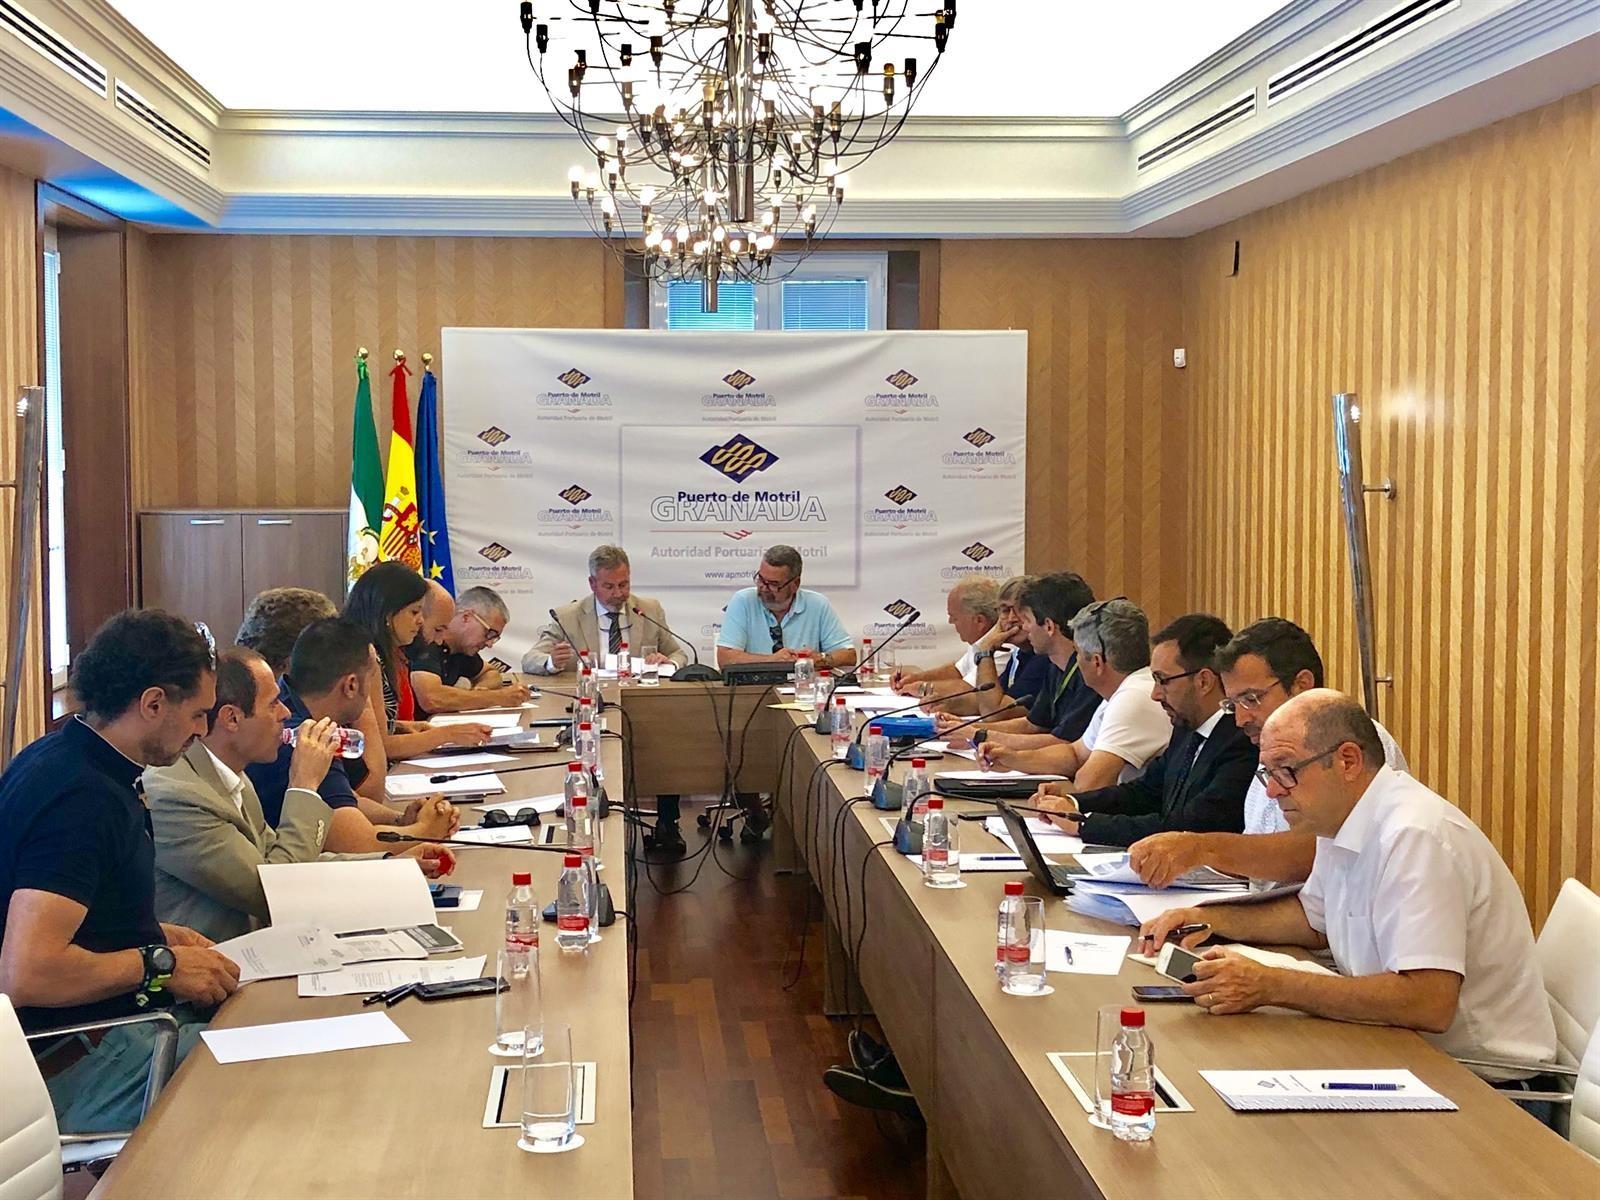 El Puerto de Motril constituye una comisión encargada de las relaciones con la ciudad